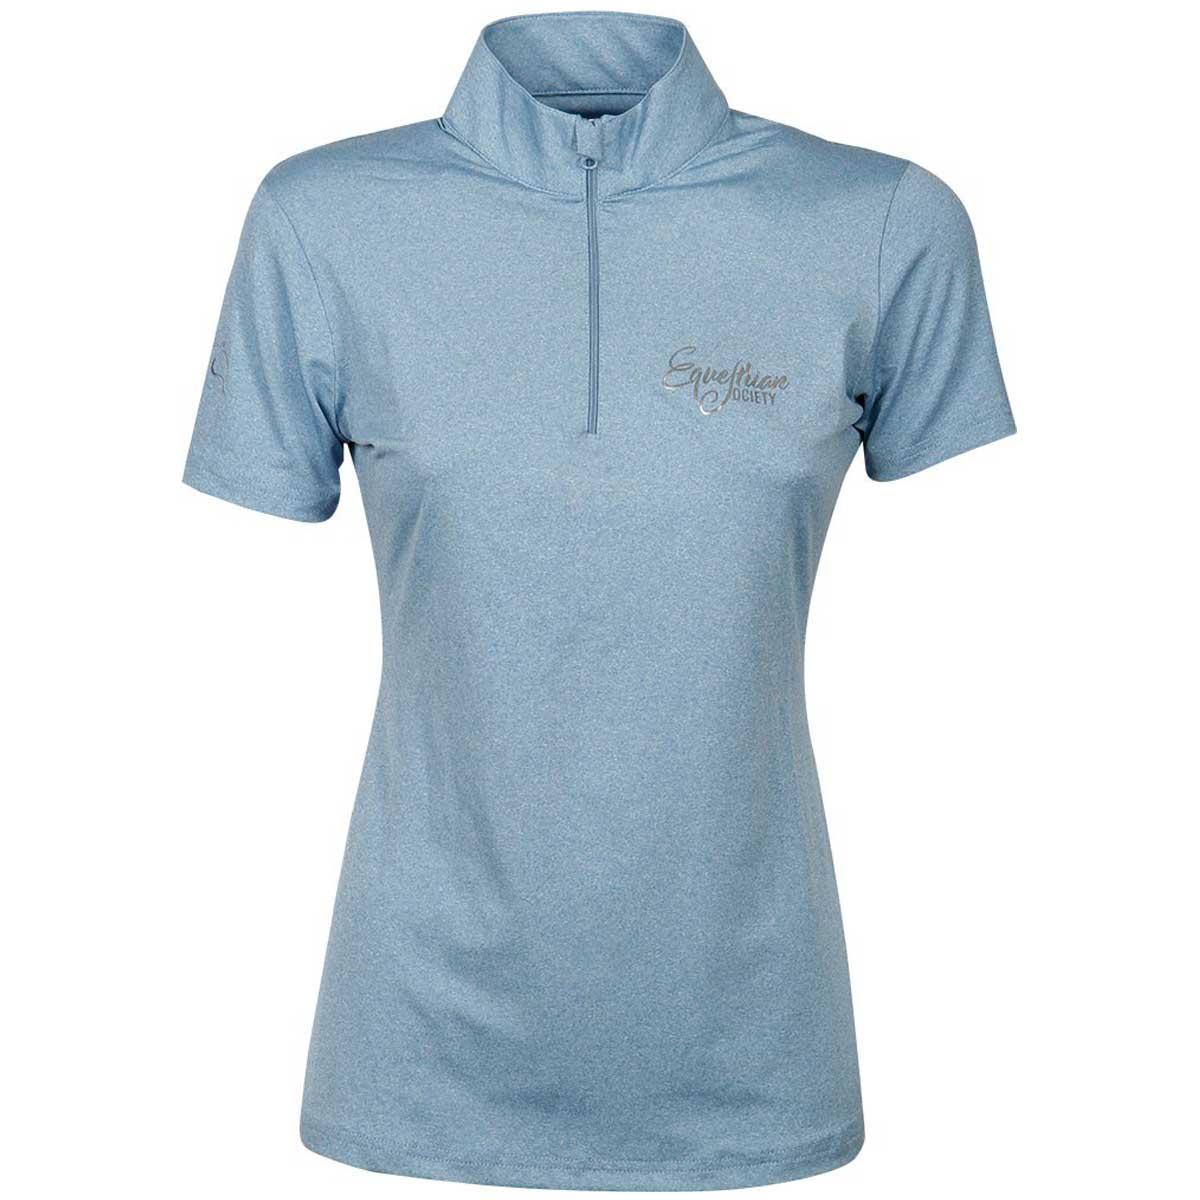 Harry's Horse Harding Techshirt lichtblauw maat:xl